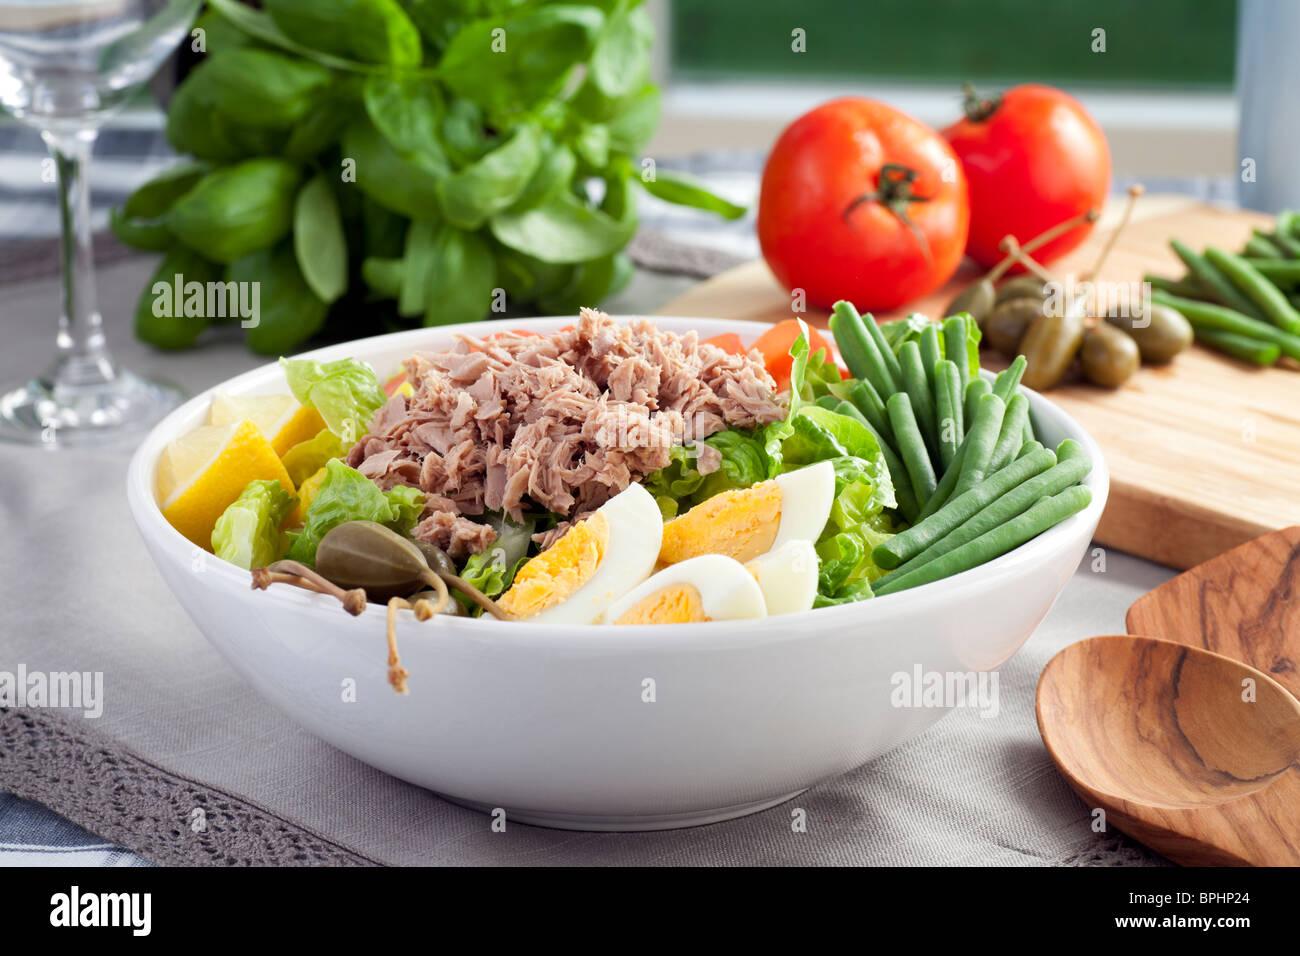 Salat Nicoise mit Zutaten im Hintergrund. Stockbild